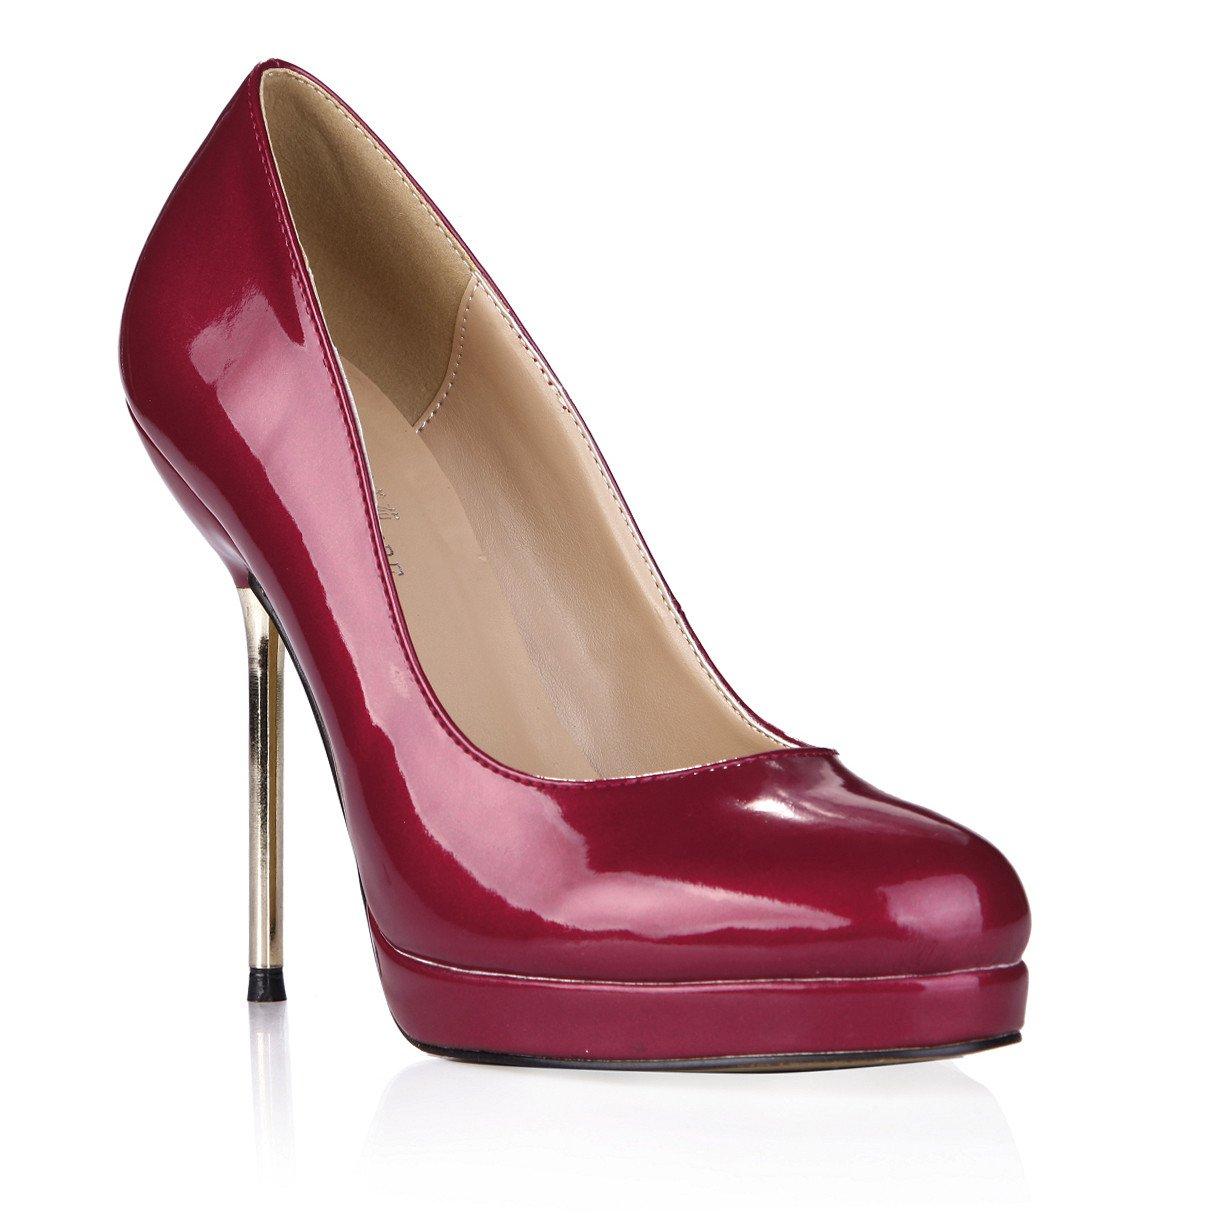 Wine rouge Seul le nouveau dîner femmes les chaussures à haut talon en cuir verni rouge vin chaussure avec fer à repasser US8.5   EU39   UK6.5   CN40